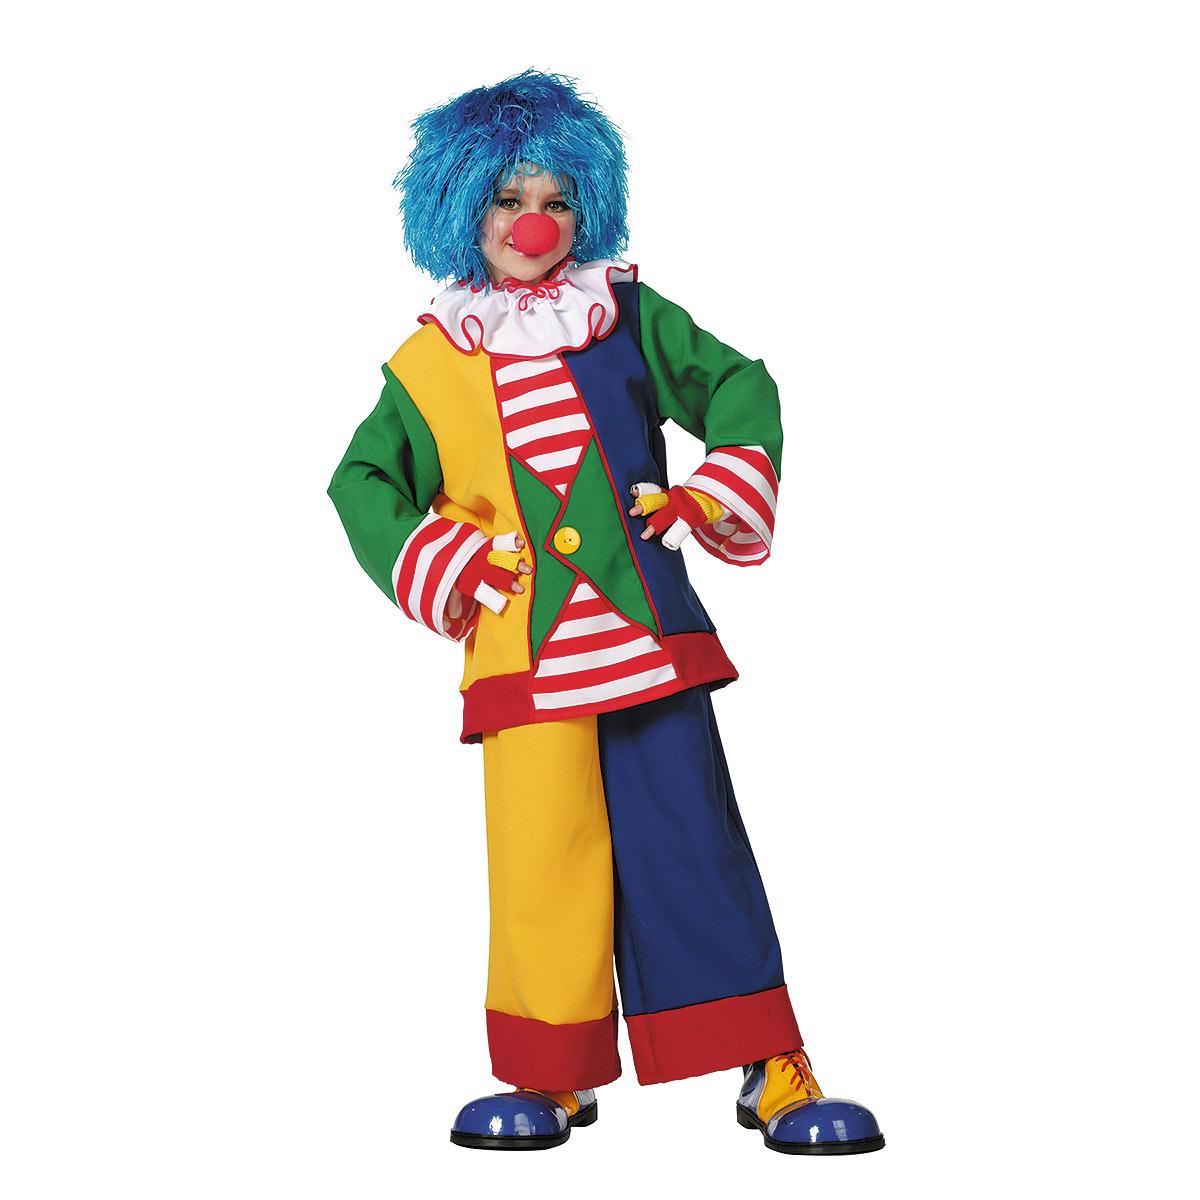 clowns kost m kinder karnevalskost m komplett kost mplanet. Black Bedroom Furniture Sets. Home Design Ideas